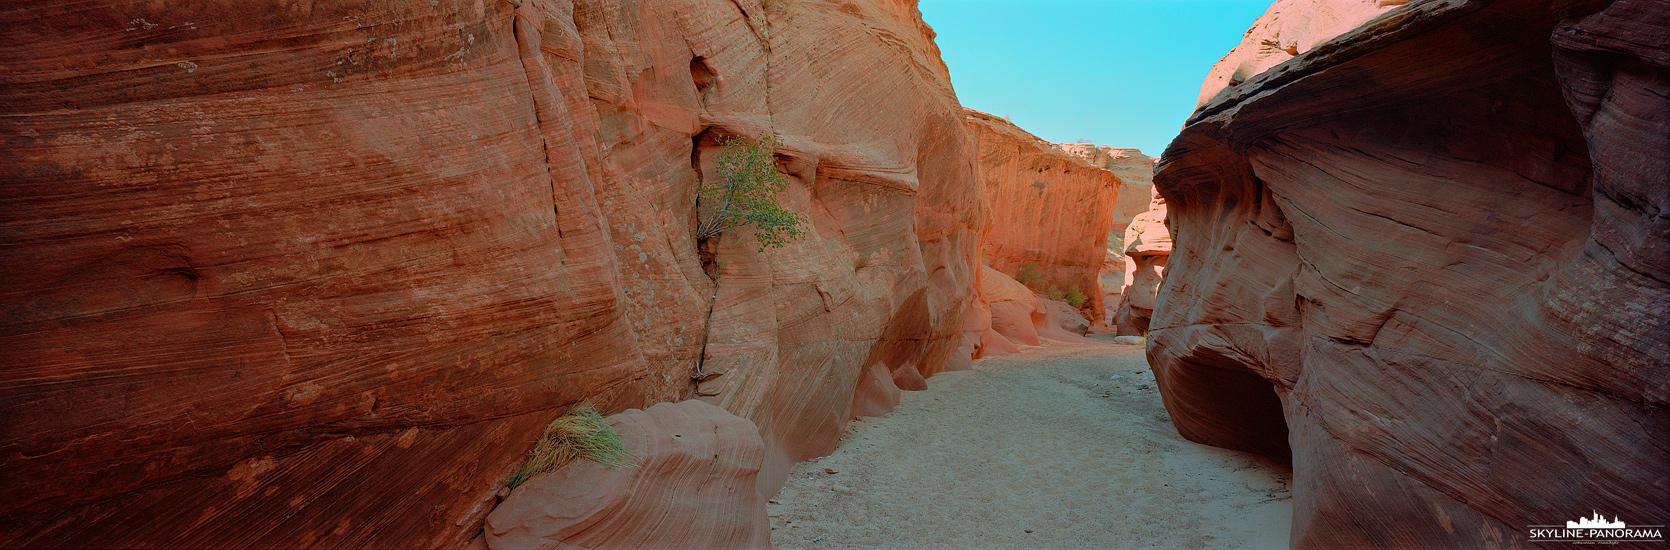 Blick in den Slot Canyon des Waterhole Canyons in Page Arizona. Das 6x17 Panorama entstand auf einer Fotografentour von Waterhole Canyon Experience, bei der man ausreichend Zeit hatte mit einer großformatigen Panoramakamera, wie die Shen Hao PTB 617, zu fotografieren.